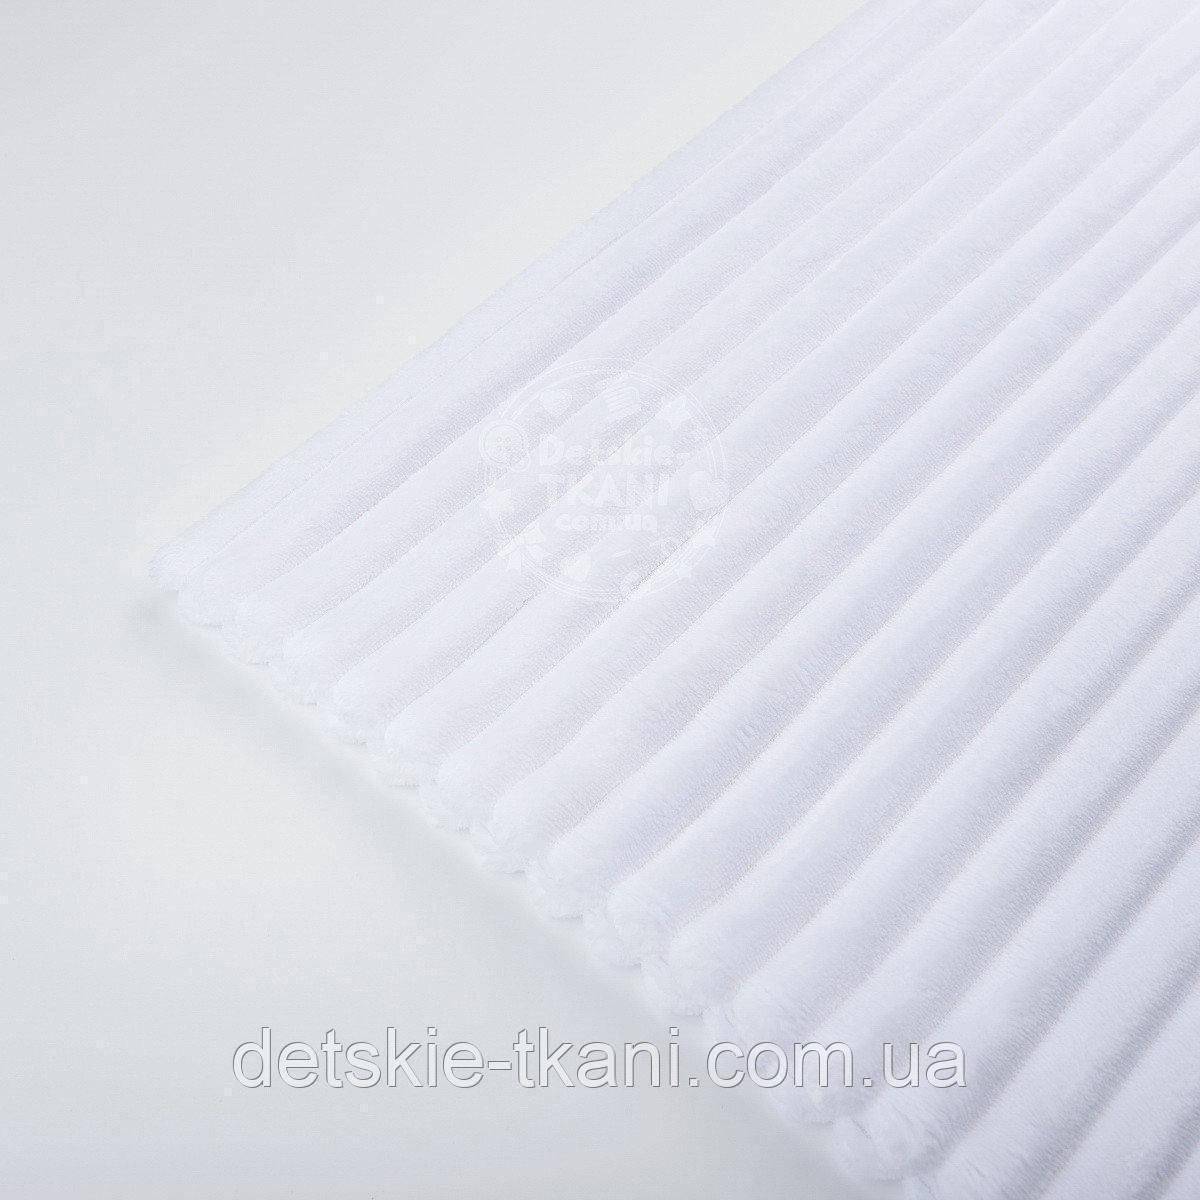 Лоскут плюша в полоску Stripes, цвет белый, с оттенком айвори, размер 30*80 см